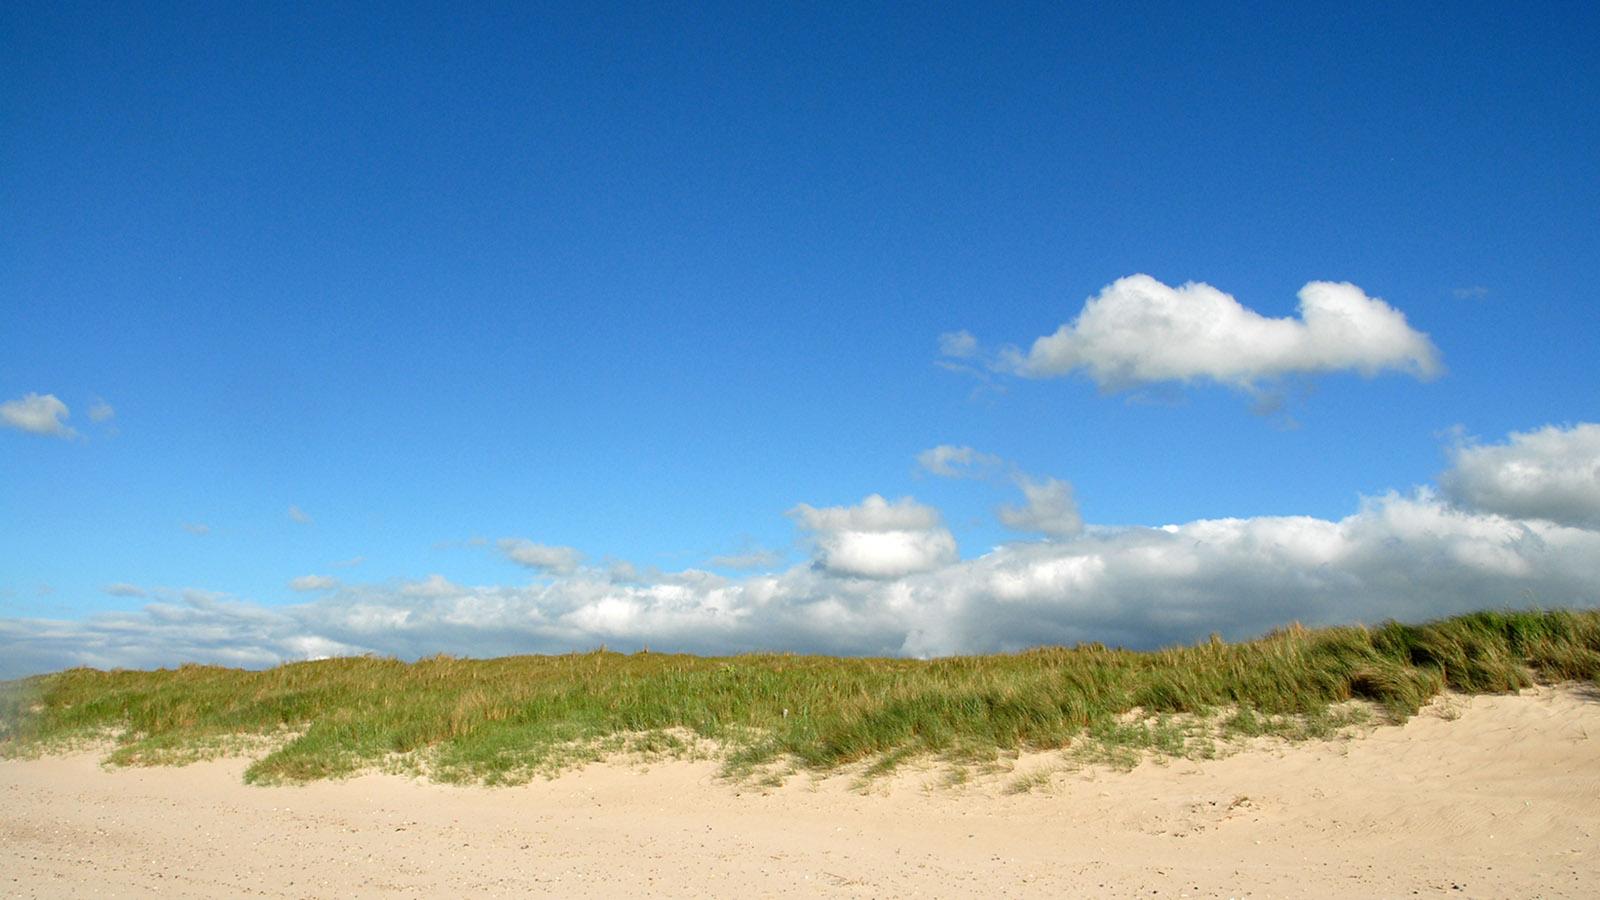 Weissenhäuser Strand: Sommer, Sonne, Schäfchenwolken: Urlaubsflair an der Ostsee. Foto: Hilke Maunder